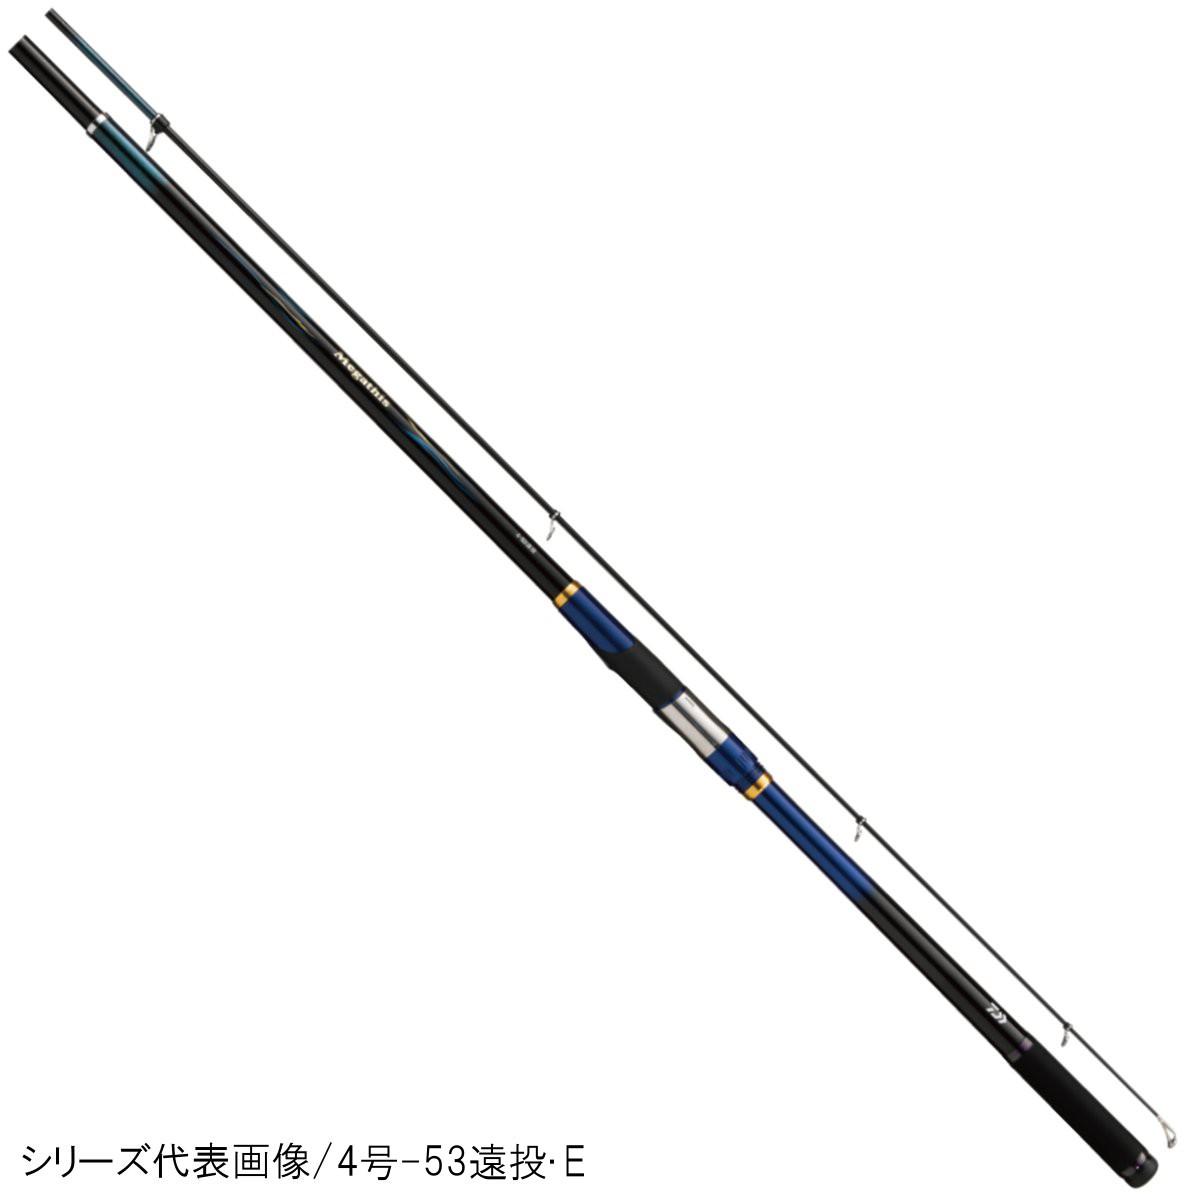 ダイワ メガディス 5号-53遠投・E(東日本店)